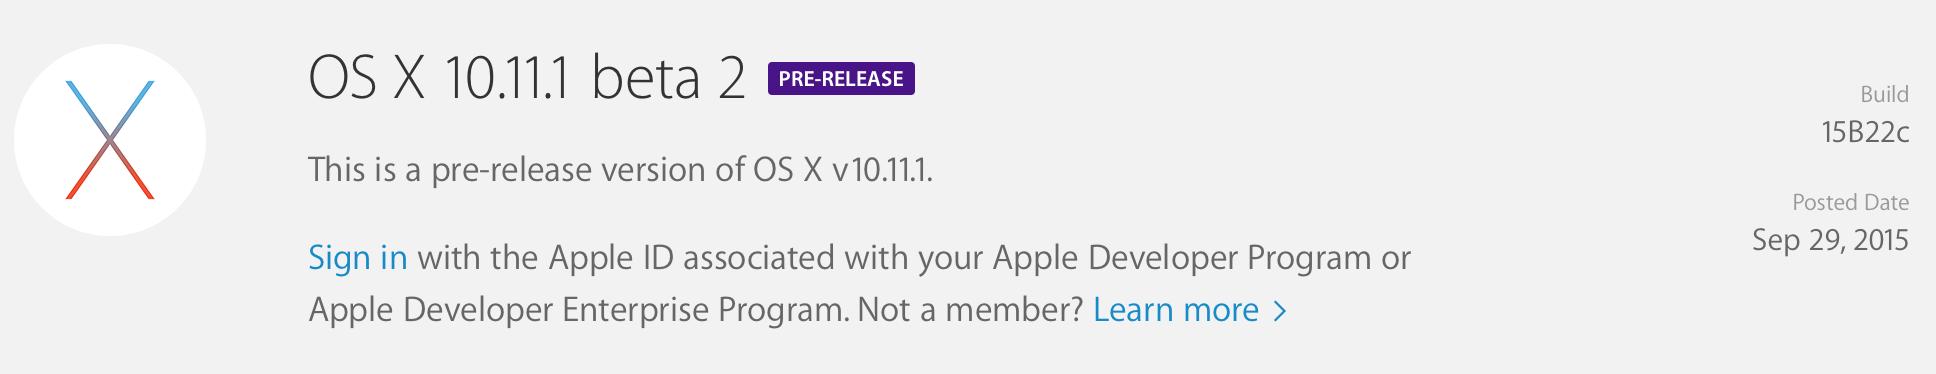 OS X Beta-Release-bildschirmfoto-2015-09-29-um-23.07.23.png